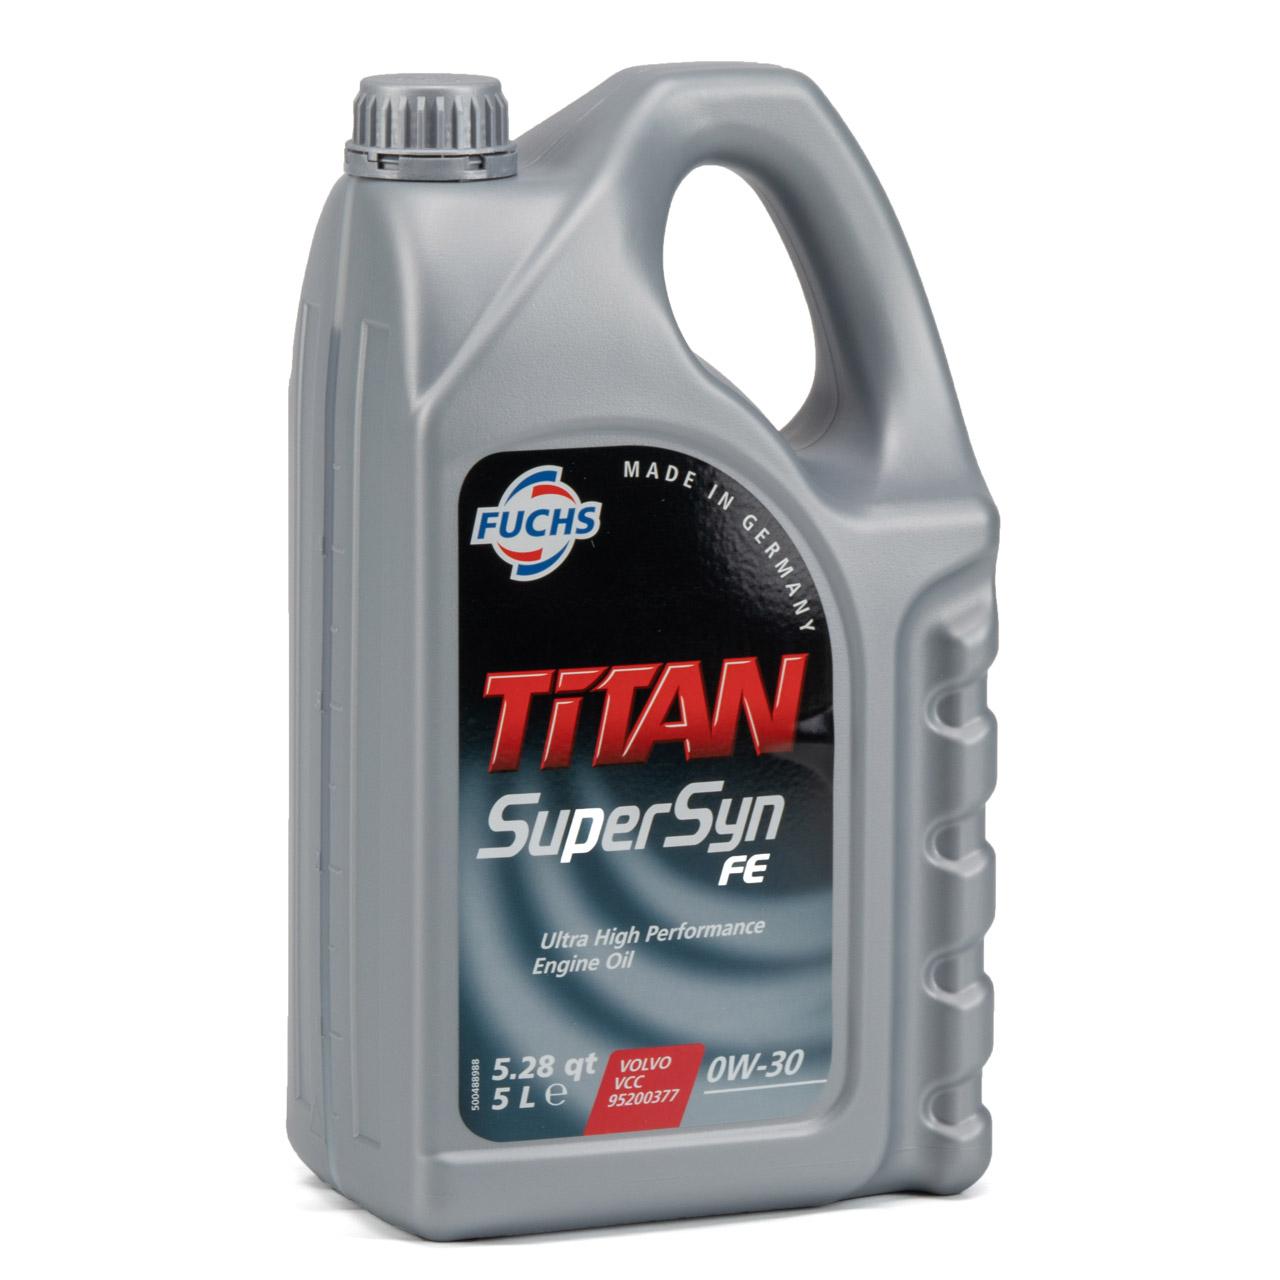 FUCHS Motoröl Öl TITAN 0W30 SUPERSYN FE ACEA A5/B5 VOLVO VCC 95200377 5 Liter